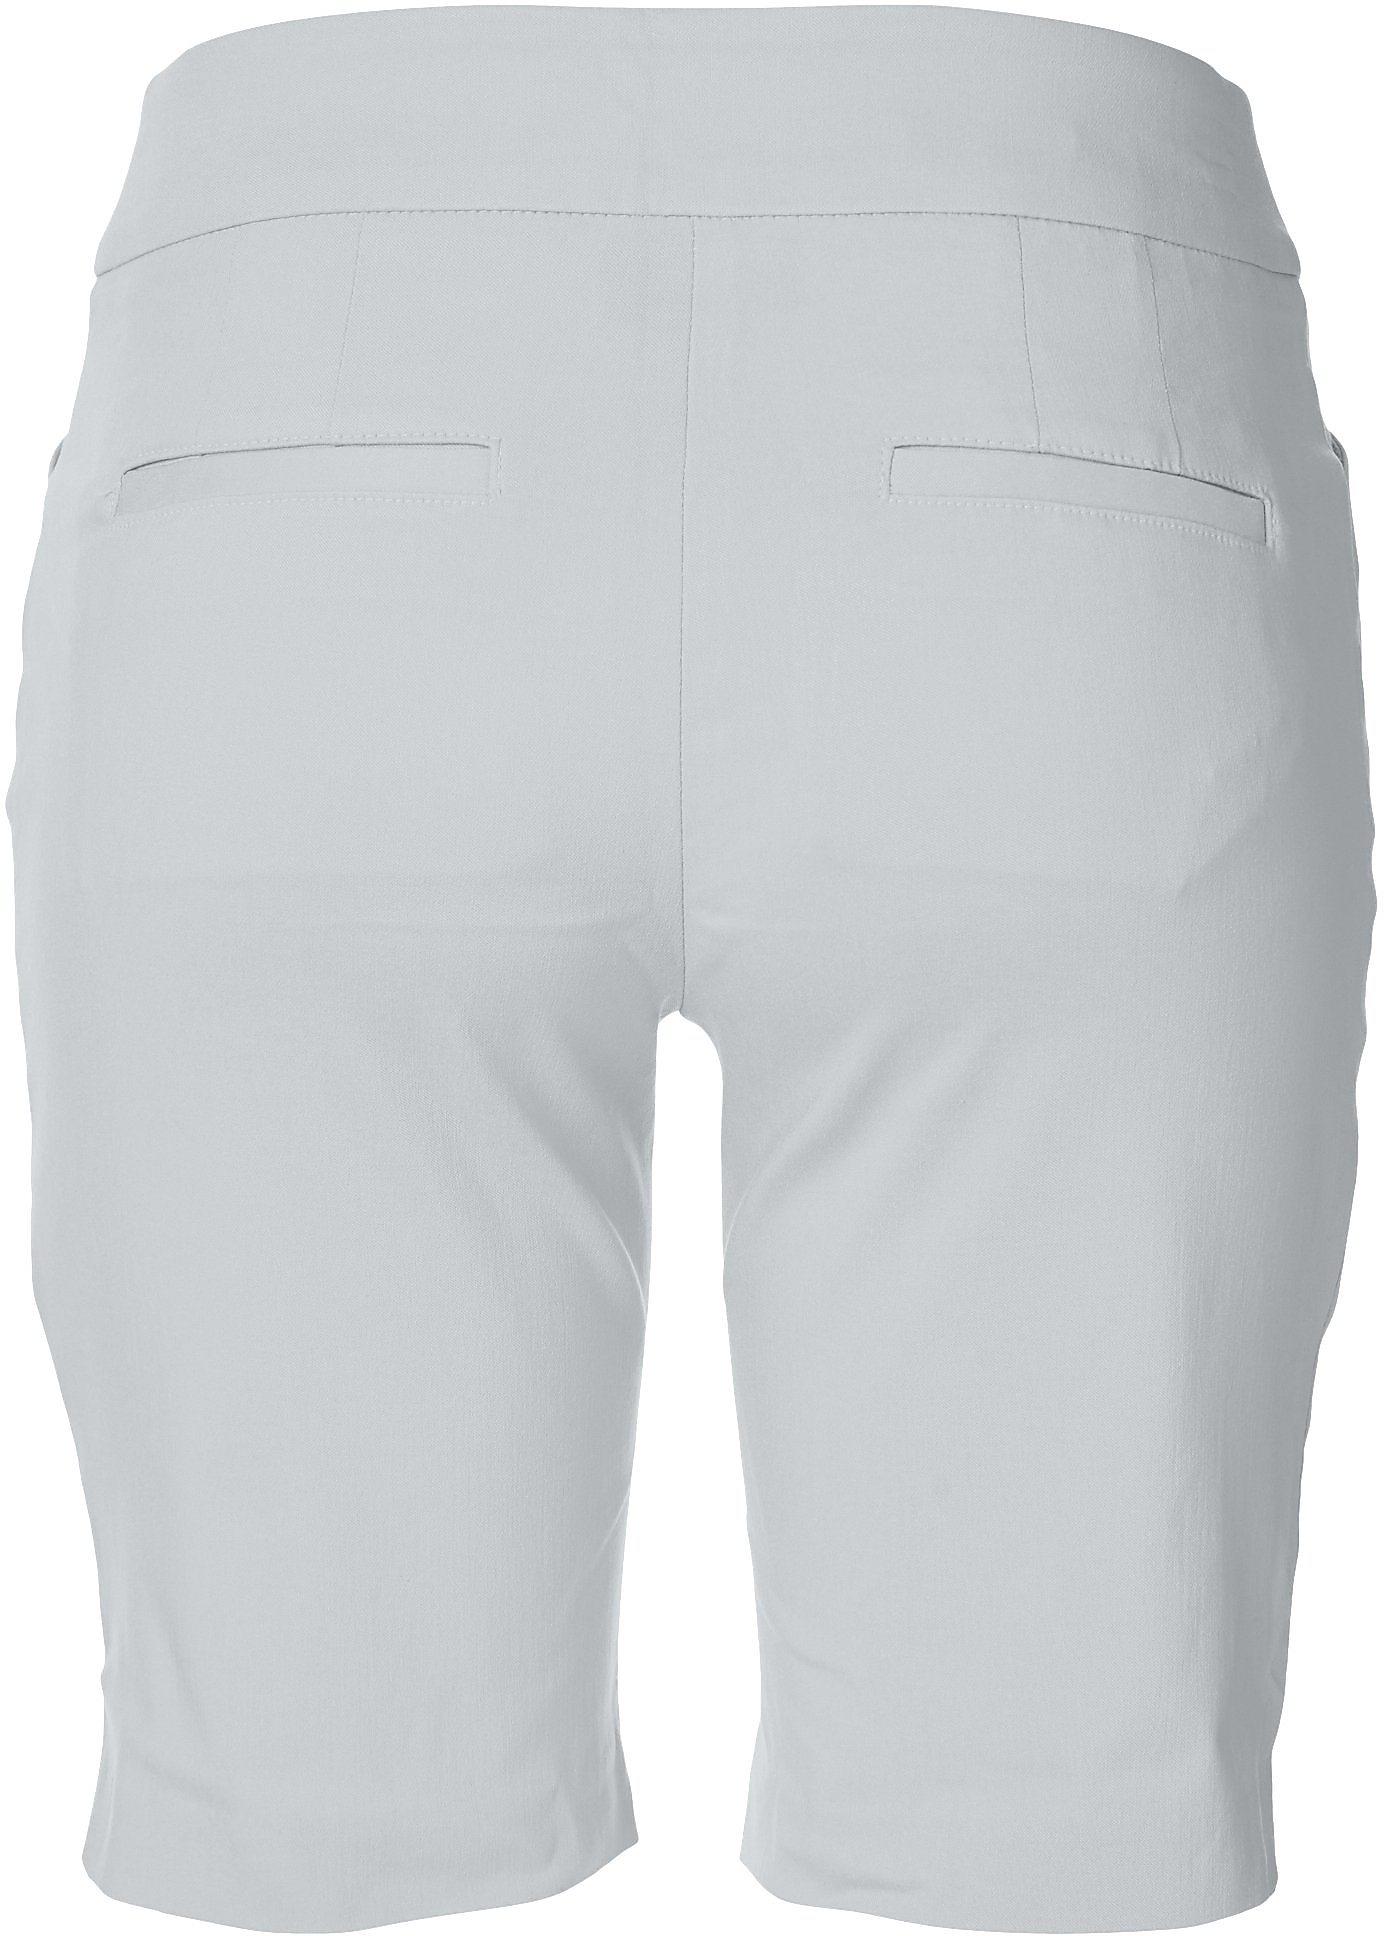 thumbnail 12 - ATTYRE Womens Solid Bermuda Shorts